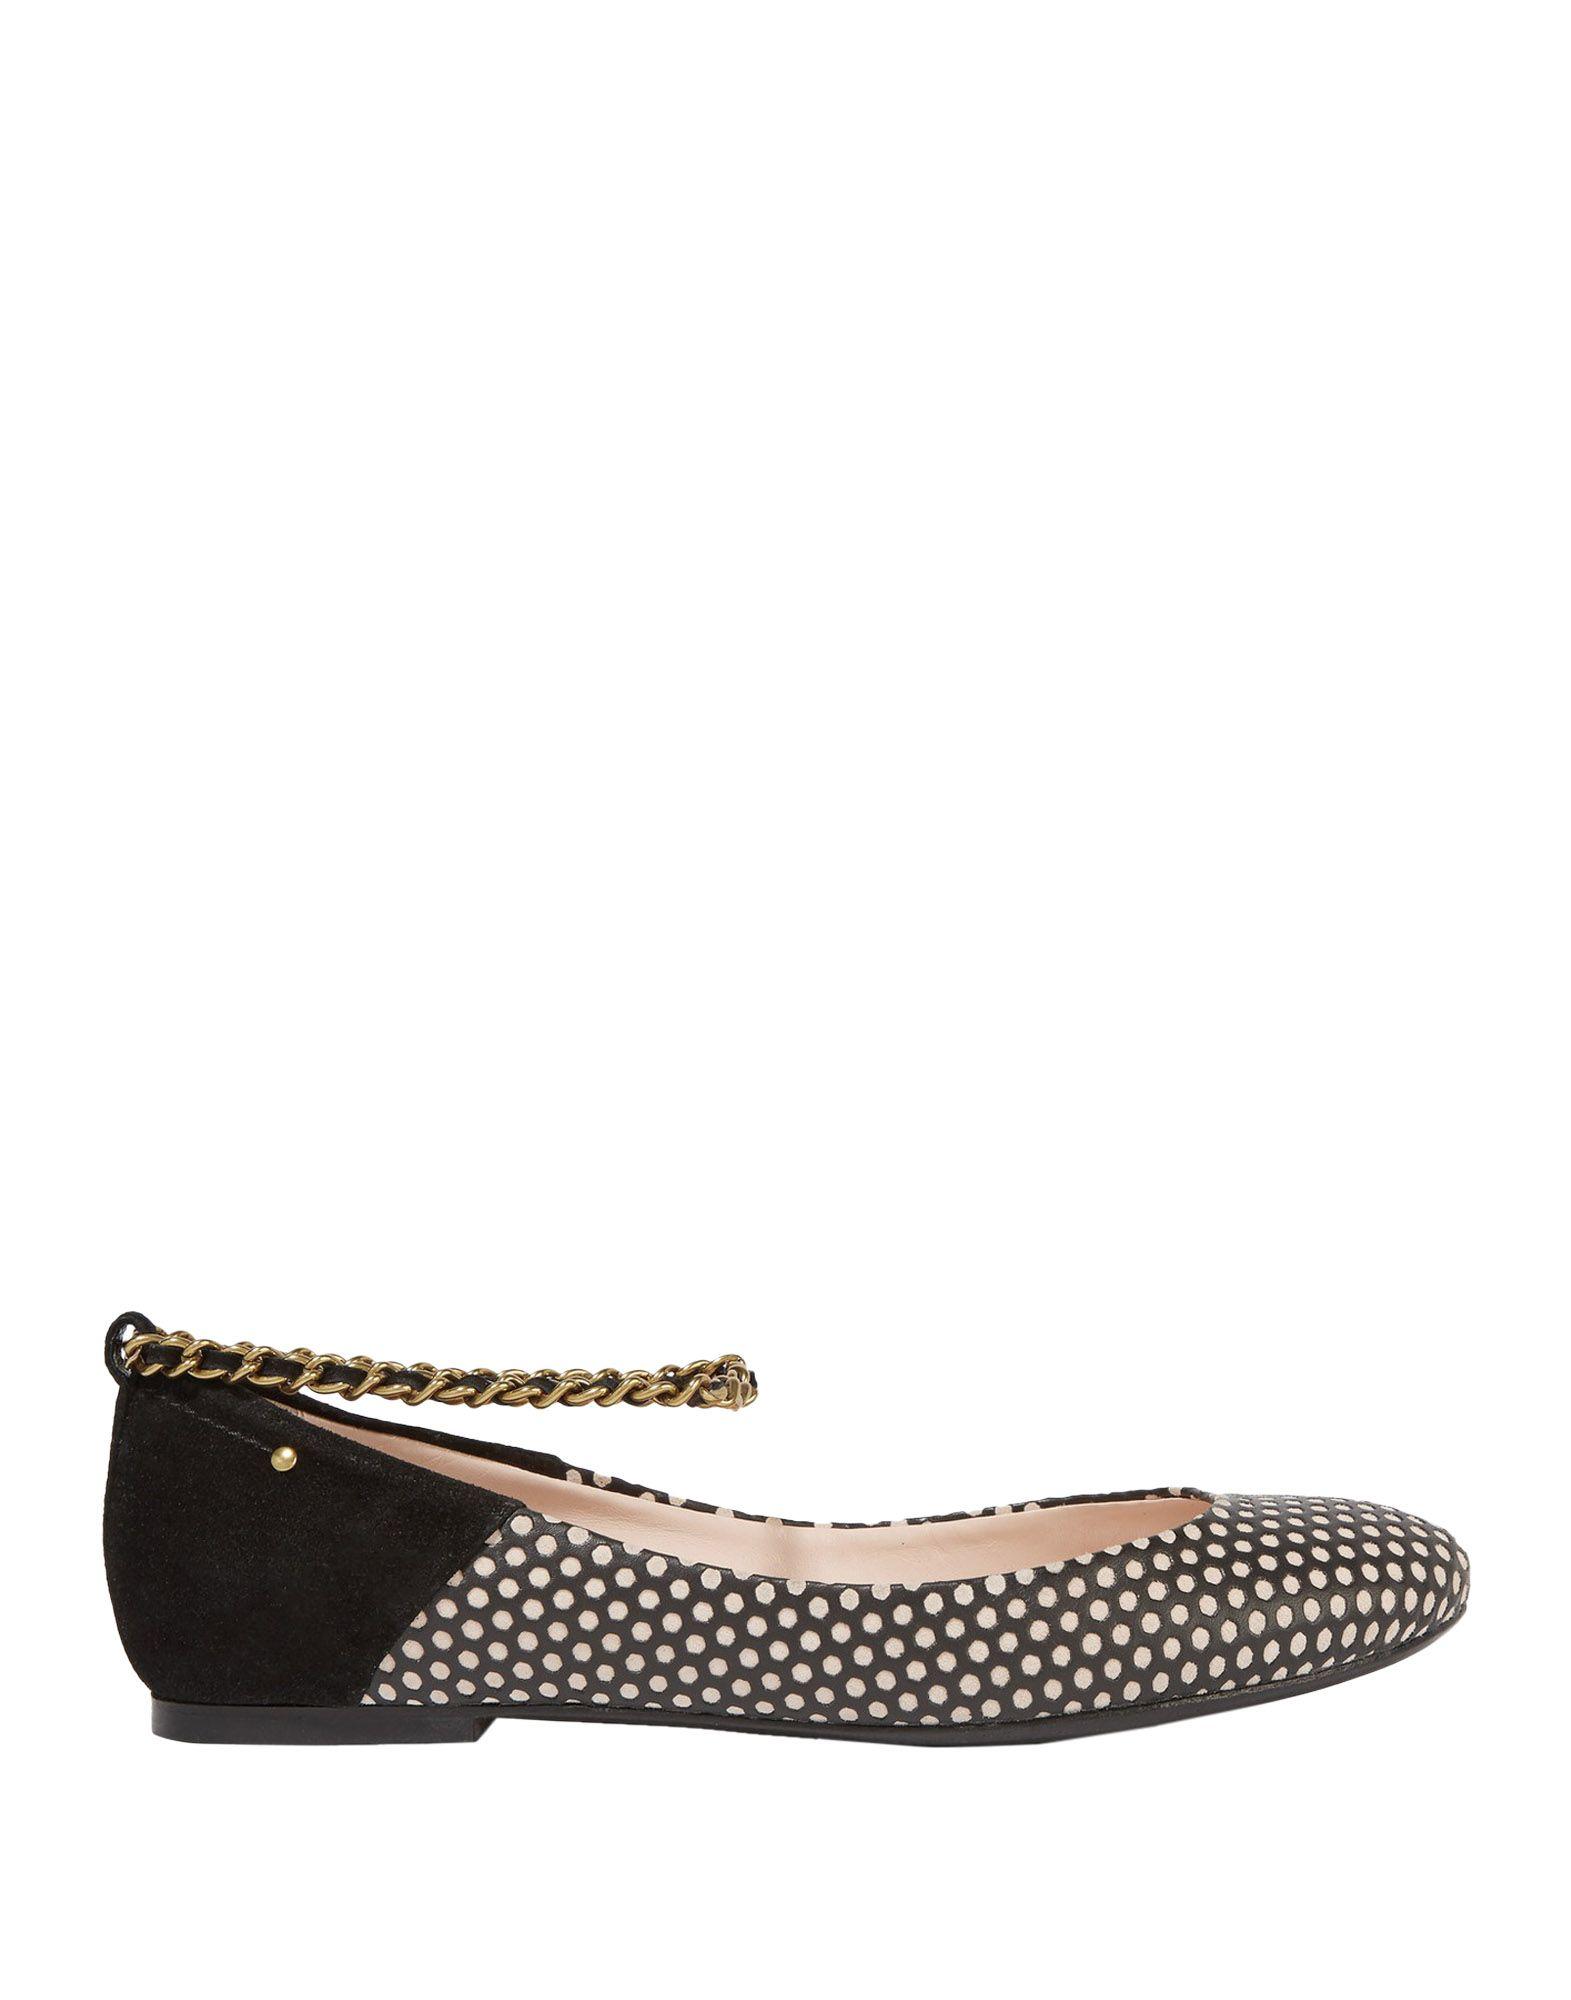 Stilvolle billige Schuhe  Jérôme Dreyfuss Ballerinas Damen  Schuhe 11524162NS 0ccecc